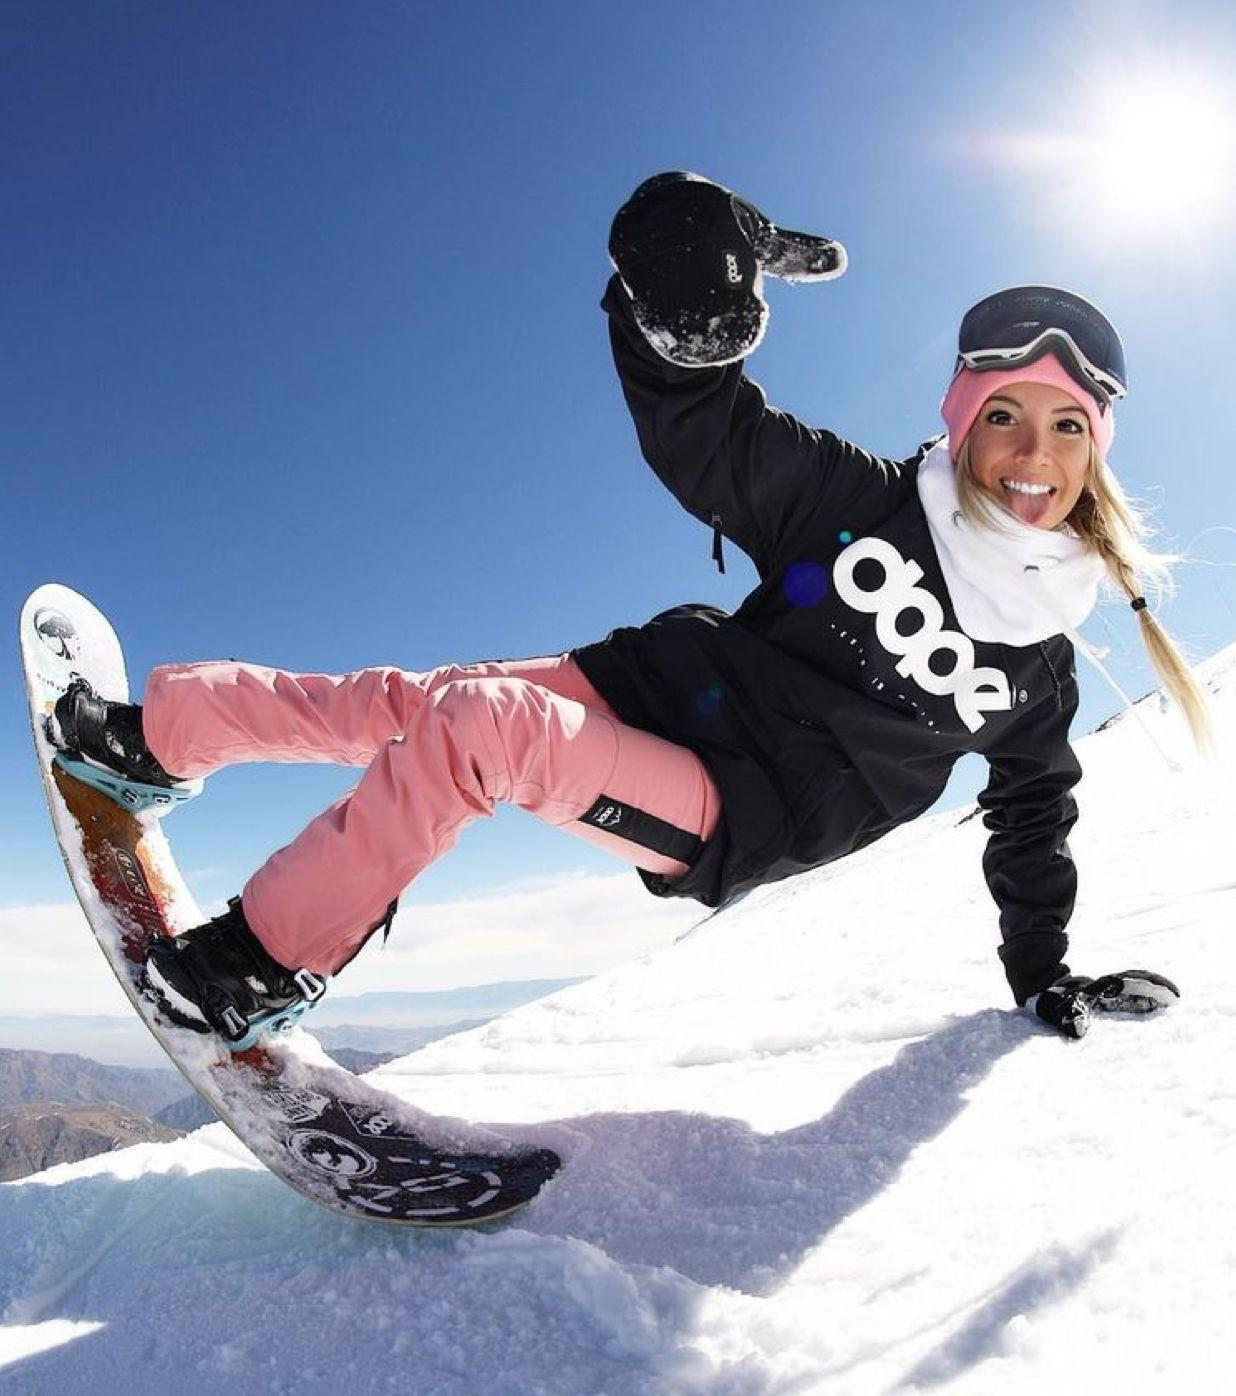 во-вторых, как фотографировать спорт зимой ещё иногда сатиры